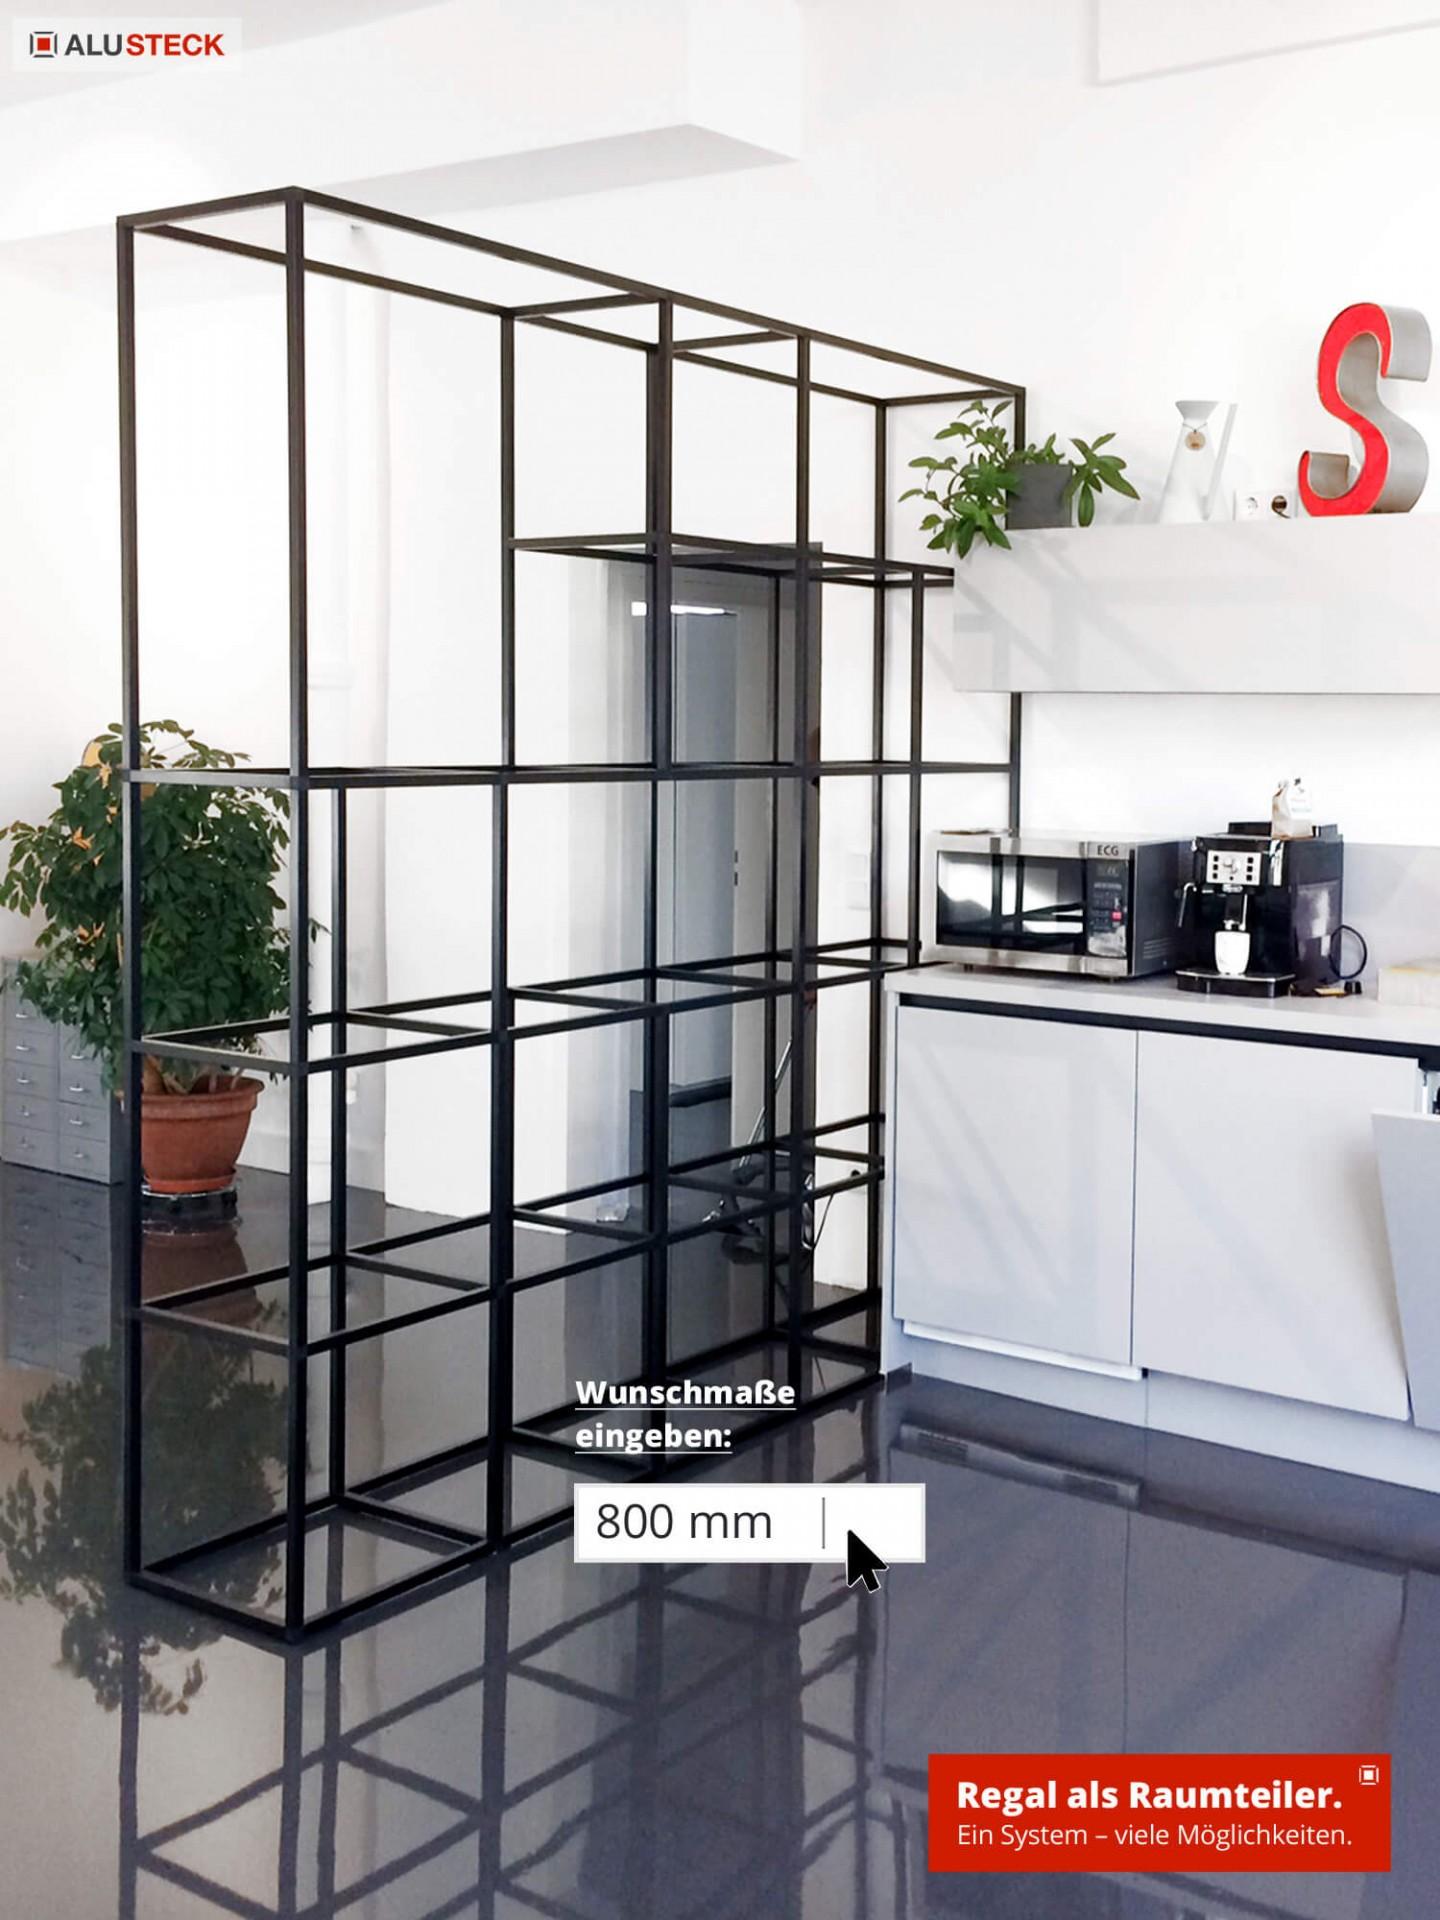 Raumteiler im Wohnraum - Bau Beispiel als Trennwand-Regal System